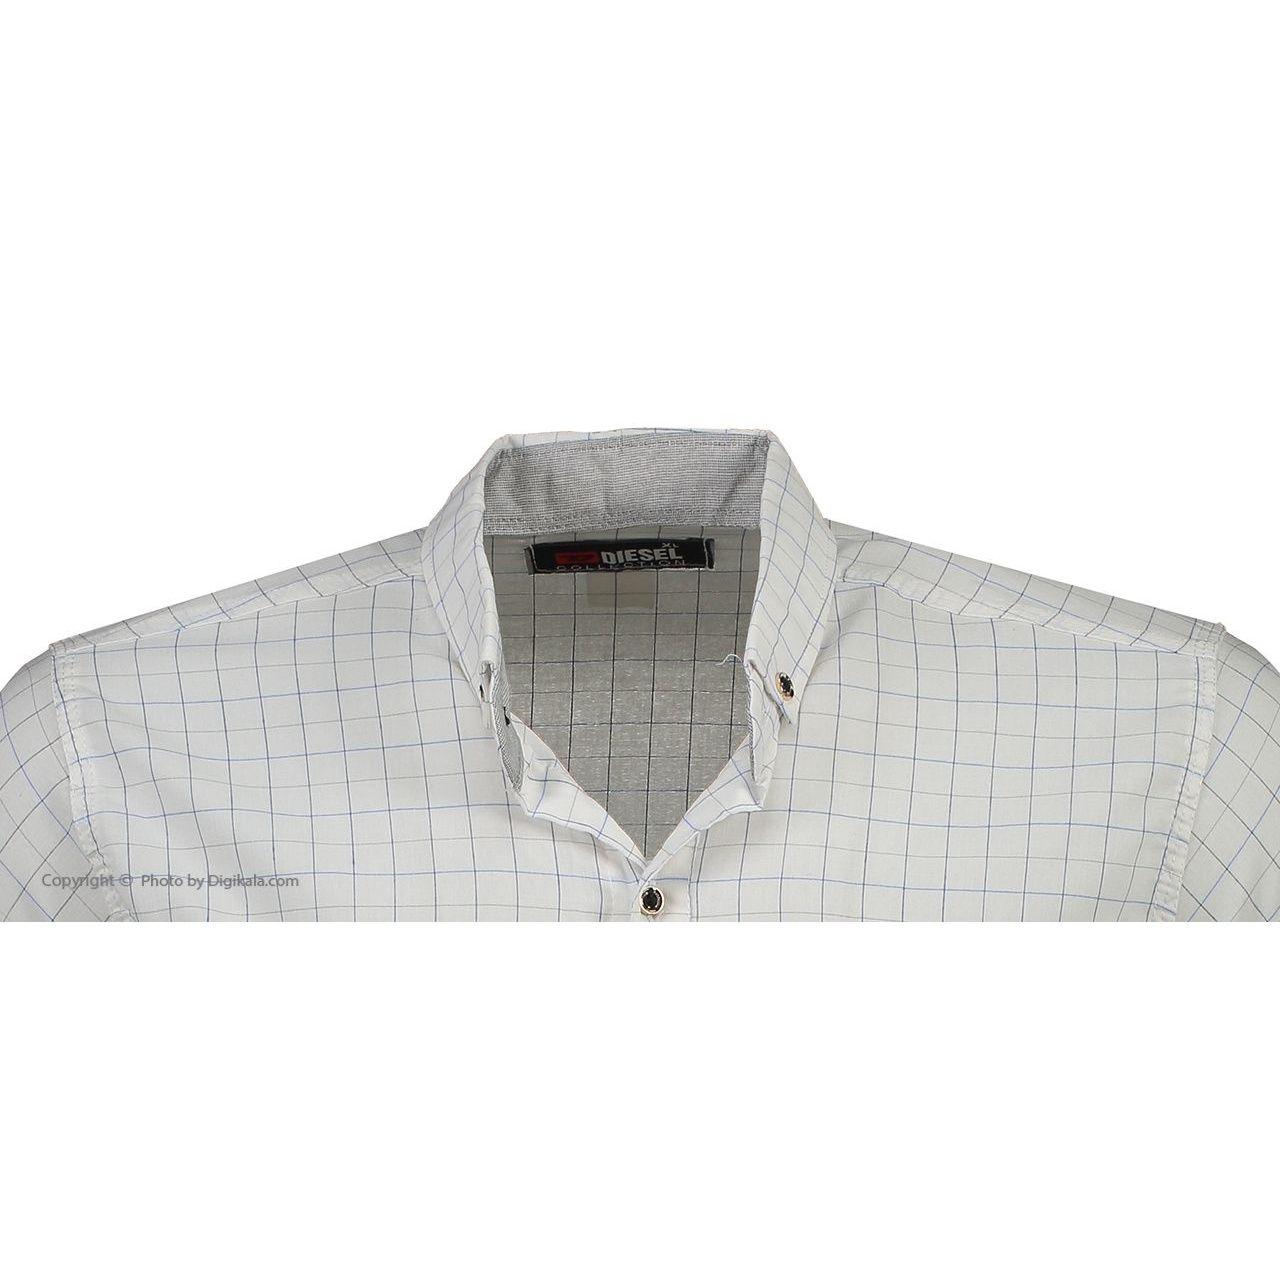 پیراهن مردانه مدل P.baz.204 main 1 4